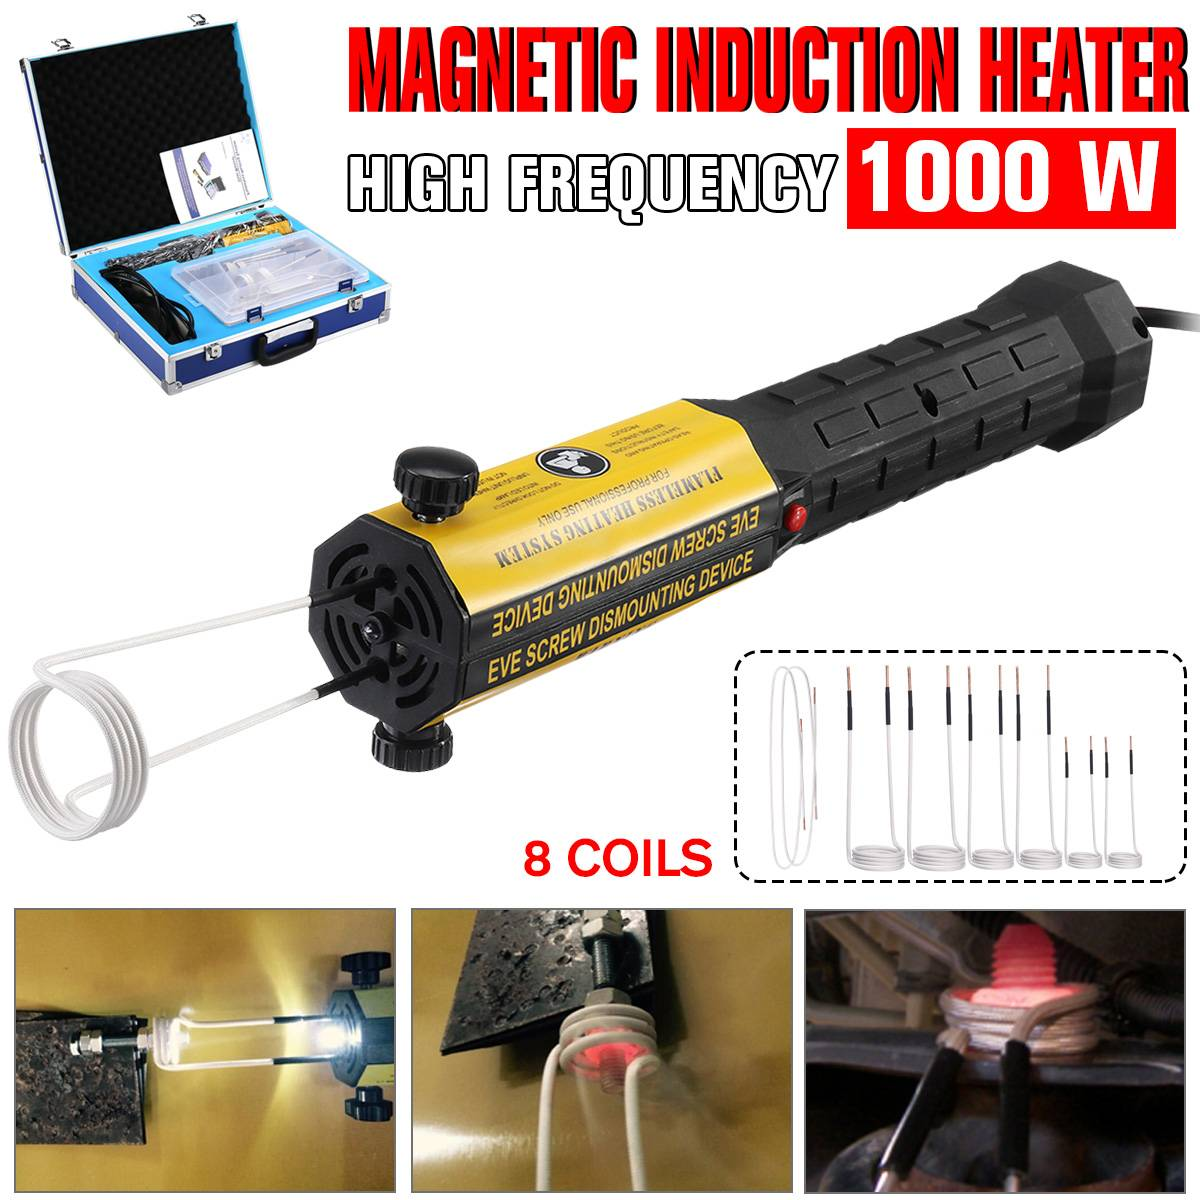 rechauffeur-d'induction-110-v-220-v-8-bobines-boulon-kit-d'outils-de-dissolvant-de-chaleur-sans-flamme-magnetique-induction-chauffage-voiture-demontage-reparation-outil